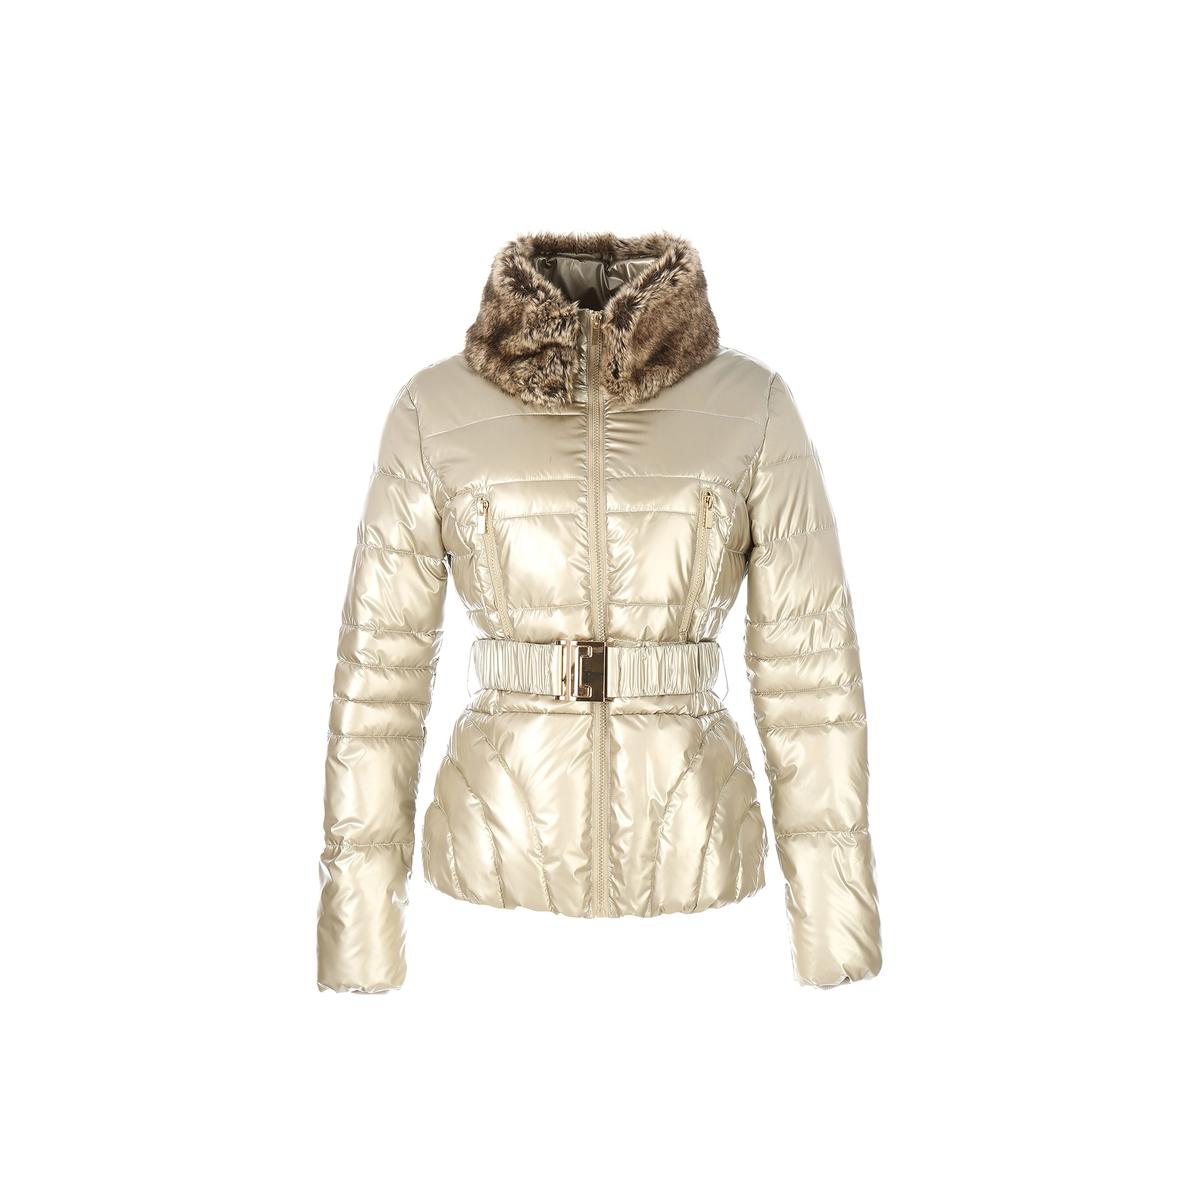 Куртка стеганая средней длины с ремешкомTALENT от DERHYЭта утепленная куртка замечательного цвета сделает вас самой яркой в этом сезоне . Большой воротник с невероятно комфортным  искусственным мехом !Детали •  Длина : укороченная •  Воротник-стойка •  Цветочный рисунок •  Застежка на молниюСостав и уход •  100% полиамид •  Следуйте советам по уходу, указанным на этикетке<br><br>Цвет: золотистый<br>Размер: L